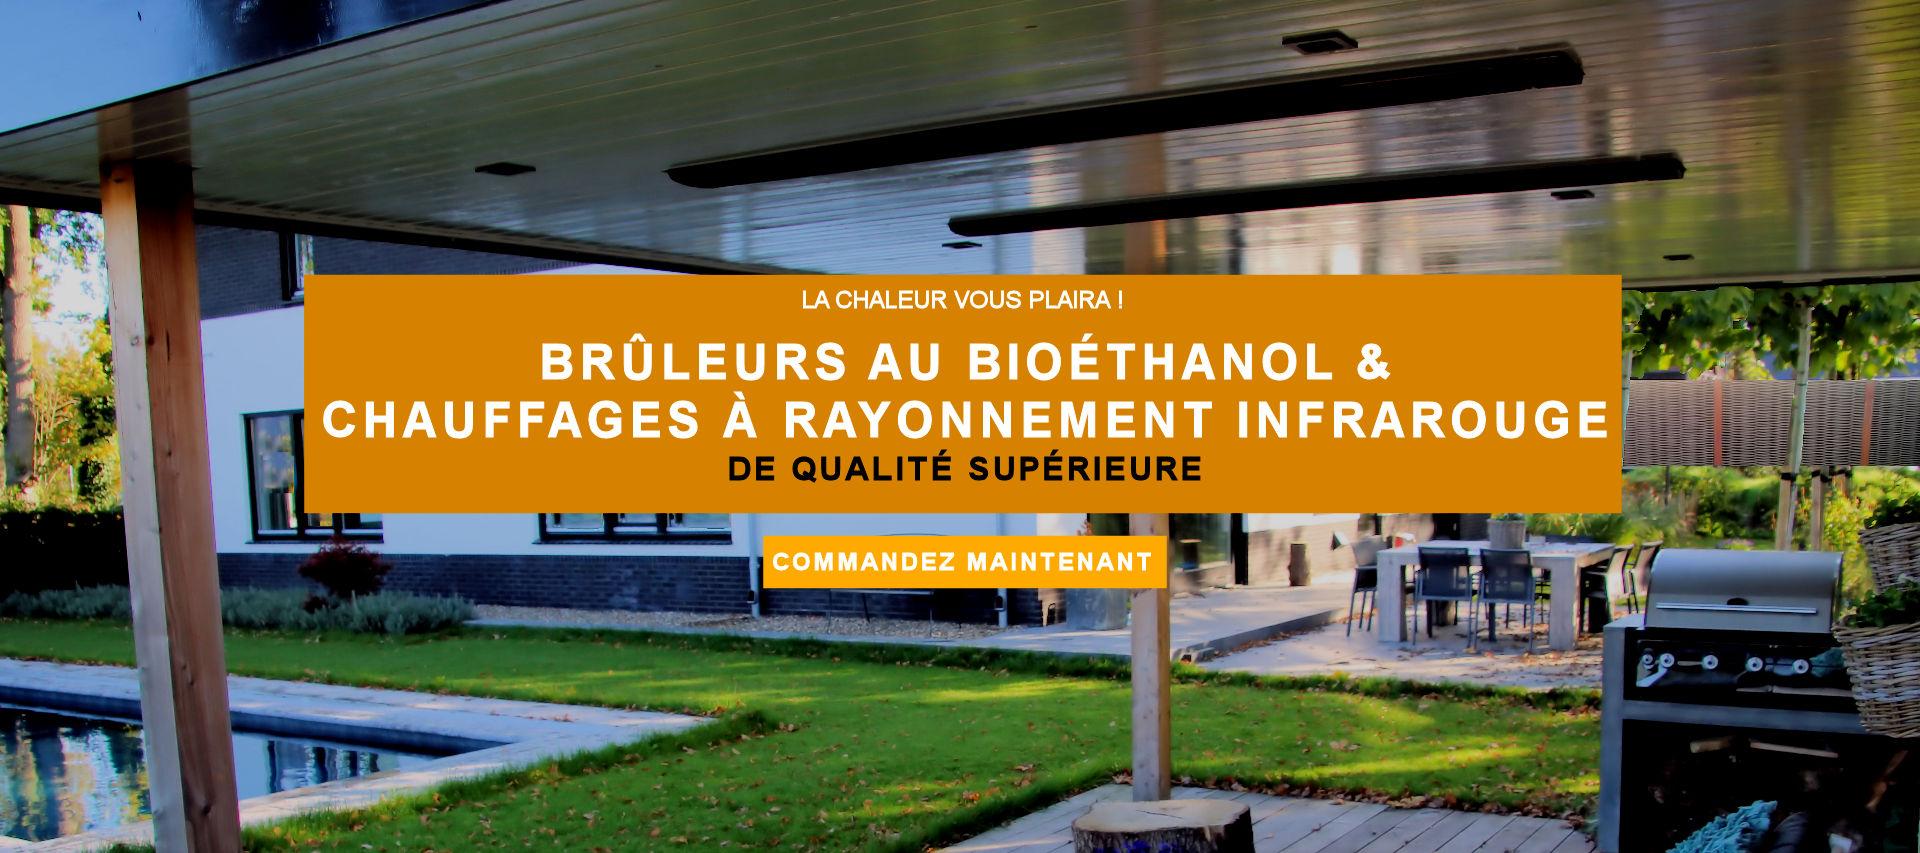 Brûleurs de Bioéthanol et Chauffages à Rayonnement Infrarouge de Qualité Supérieure